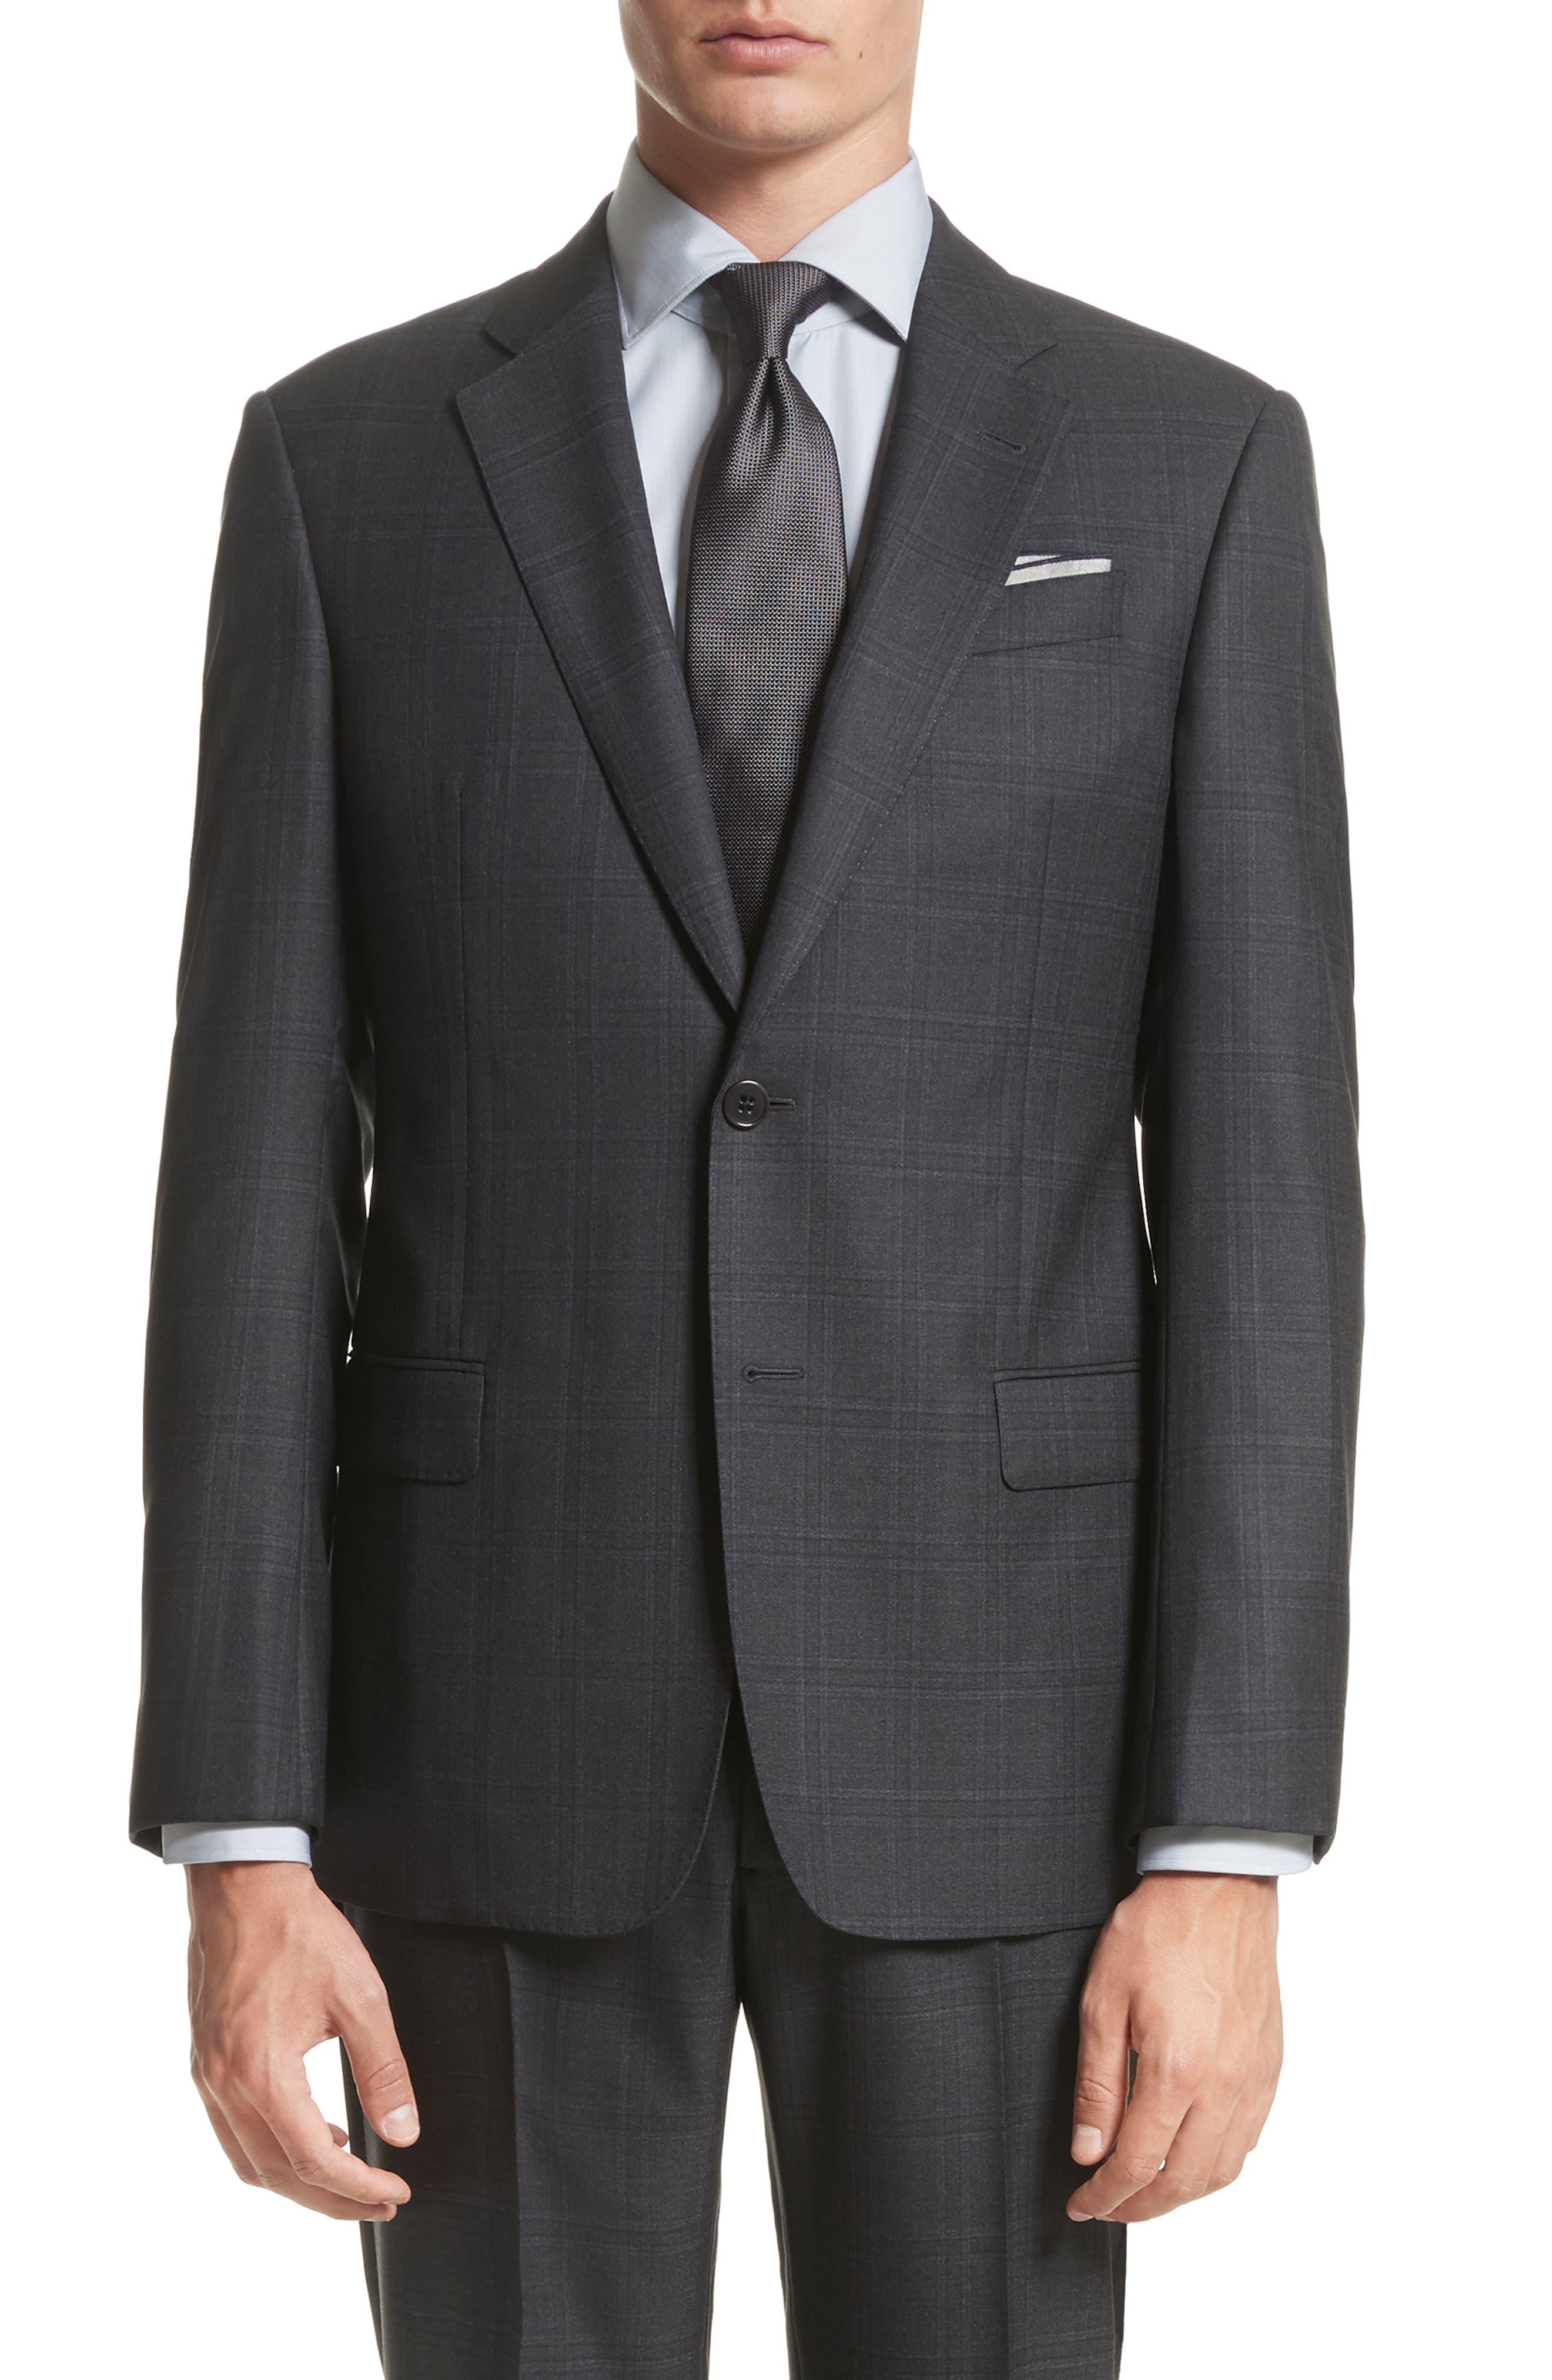 G-Line Trim Fit Plaid Wool Suit,                             Alternate thumbnail 5, color,                             017